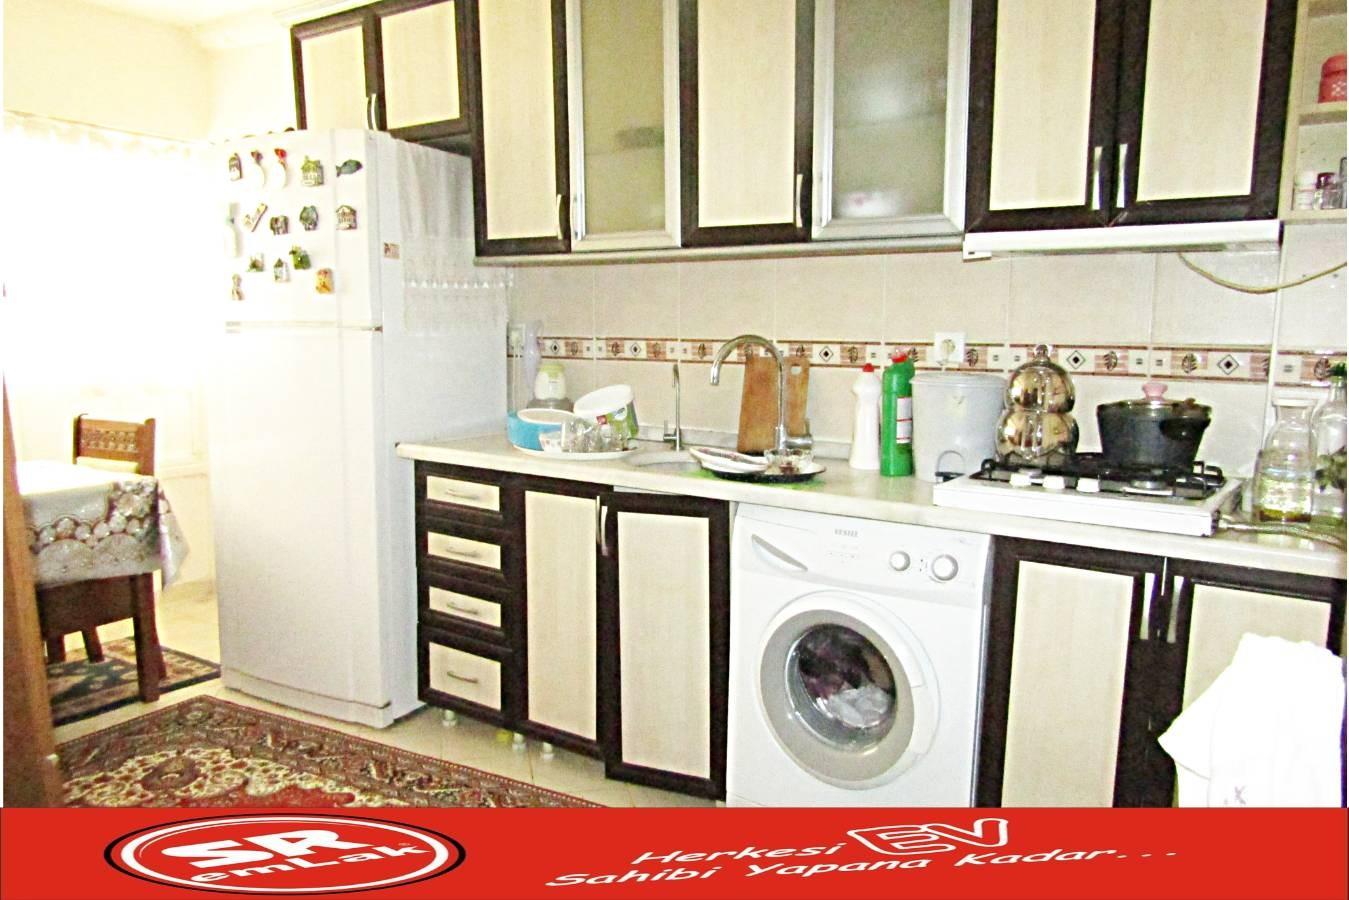 SR EMLAK'TAN PİYADE  MAH'DE 3+1 100 m² YAPILI  ÖN CEPHE TRENE YAKIN DAİRE